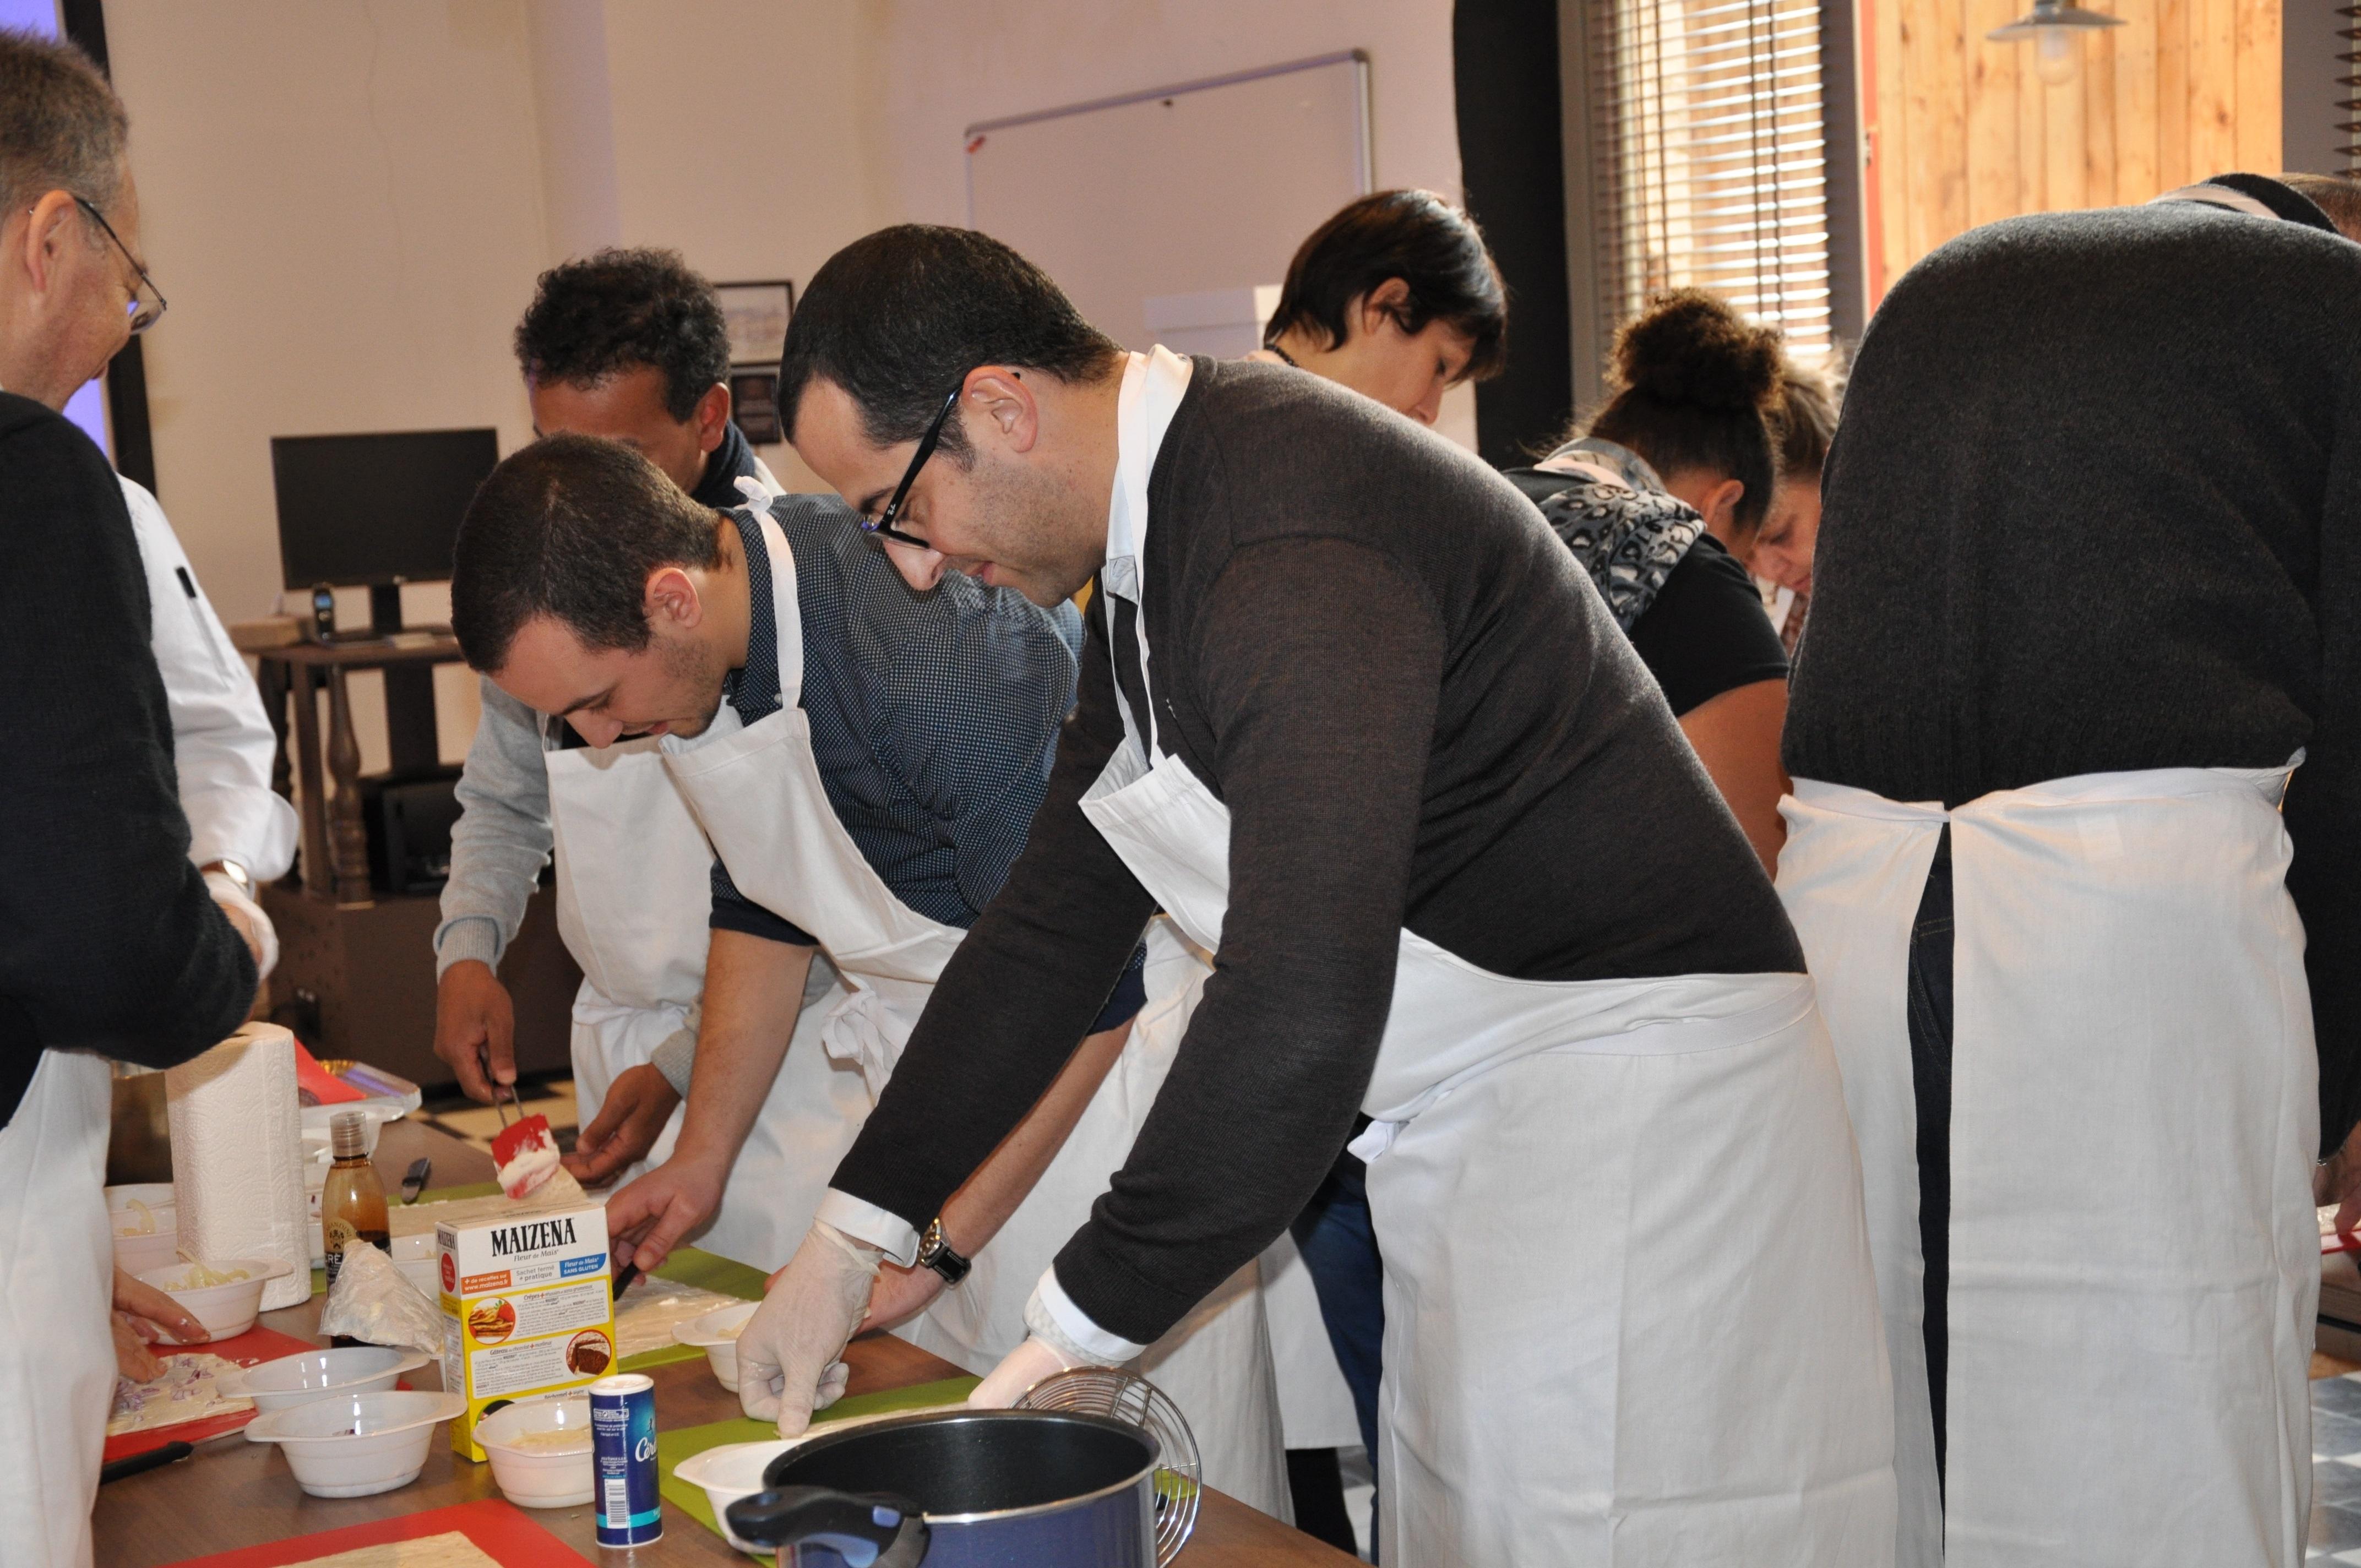 Cours-de-cuisine-entreprise-16